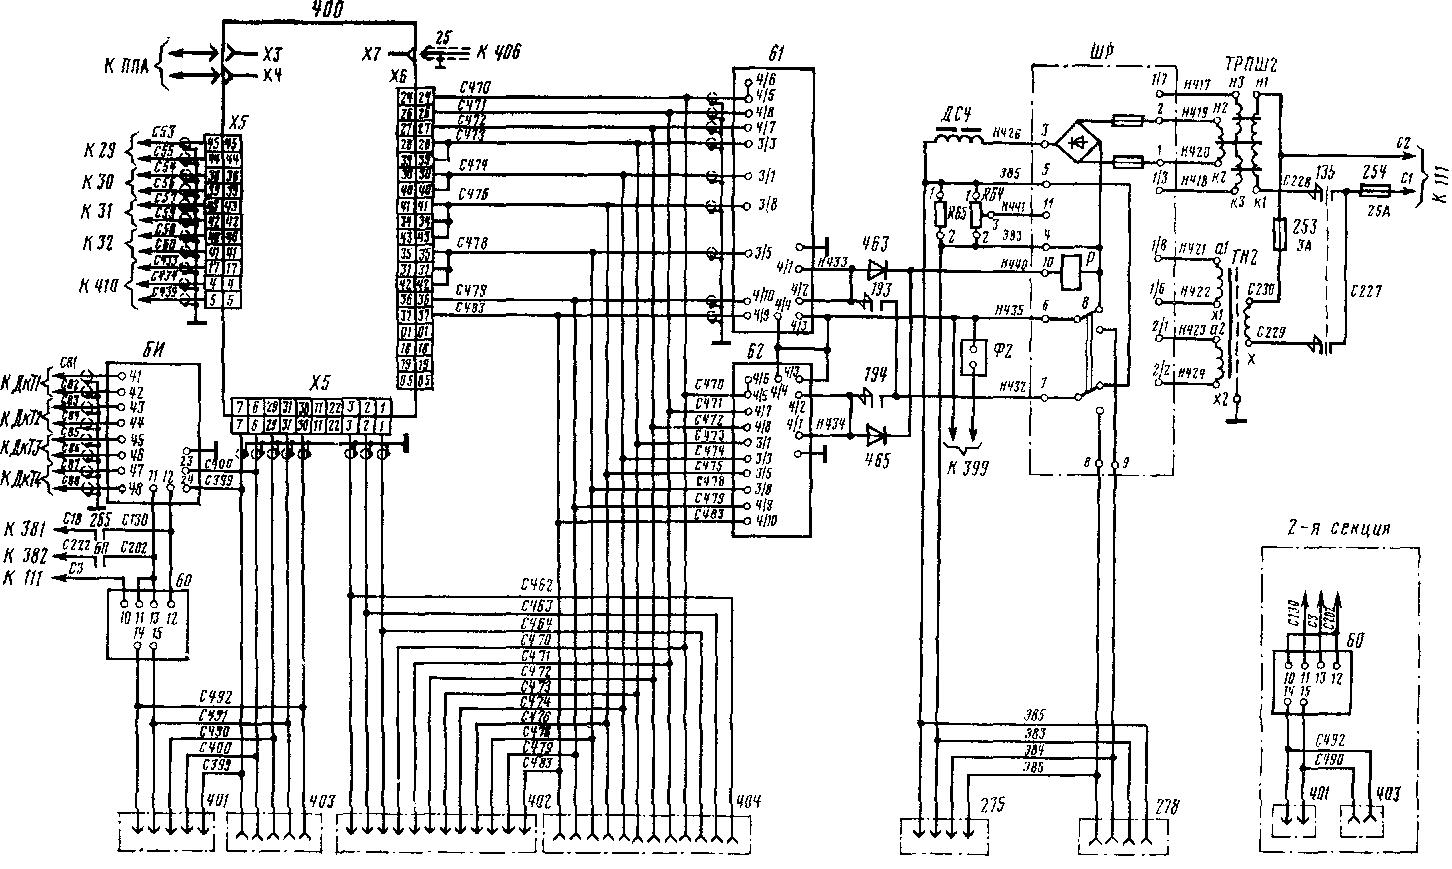 Схема цепей связи системы регулирования новлено по одному блоку управления. Управление ВИП 61, 62 и БУВ 60 1-й и 2-й секций осуществляется одним блоком управления 400 (1-й или 2-й секции), неработающий блок управления отключается переключателем 410 и является резервным.